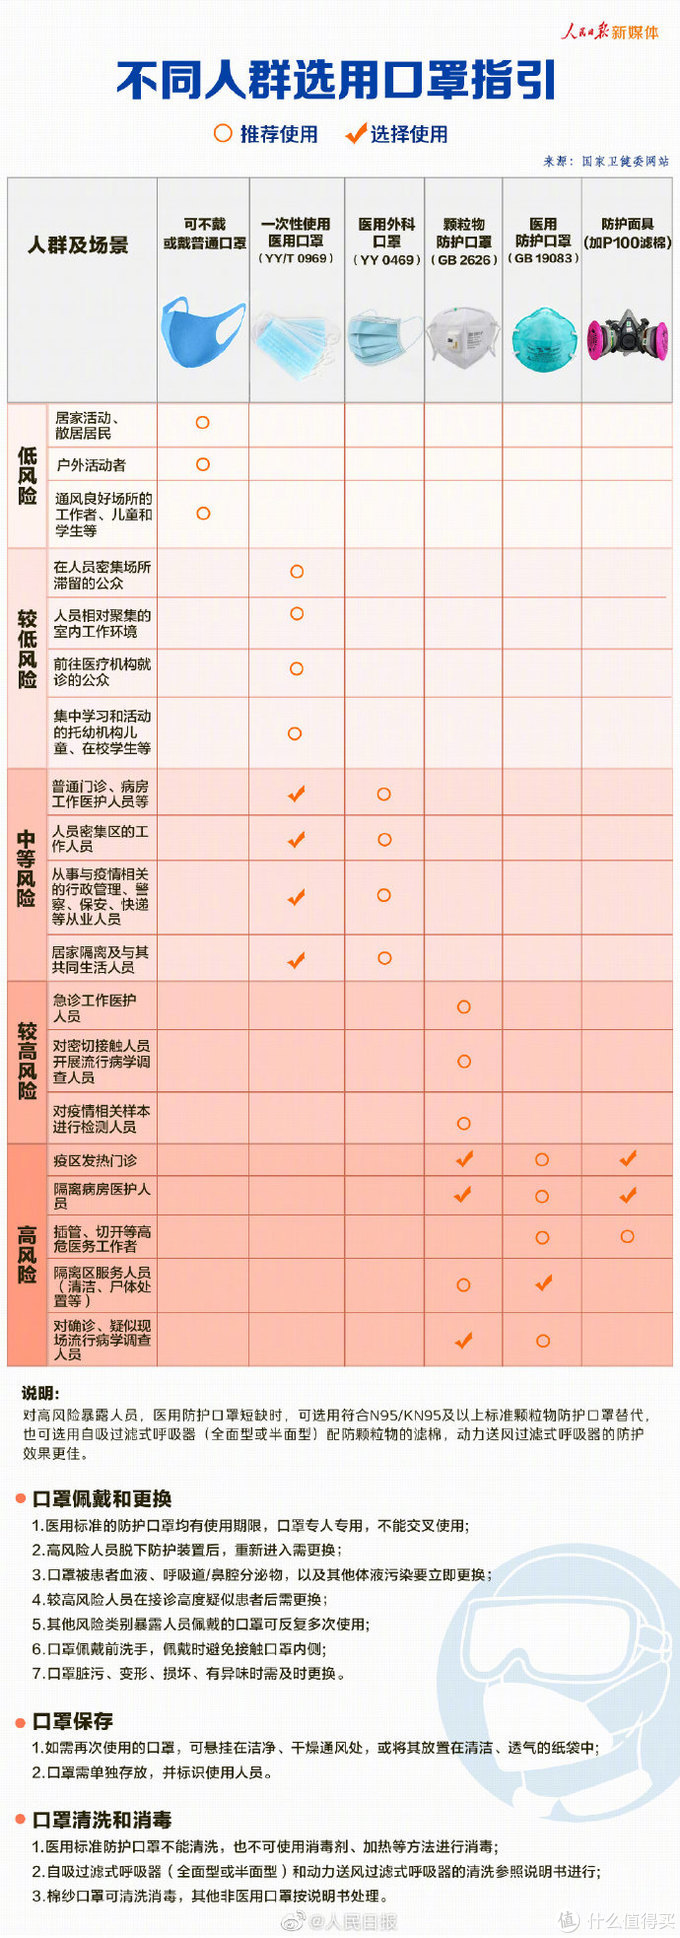 图片来源:新浪微博@人民日报